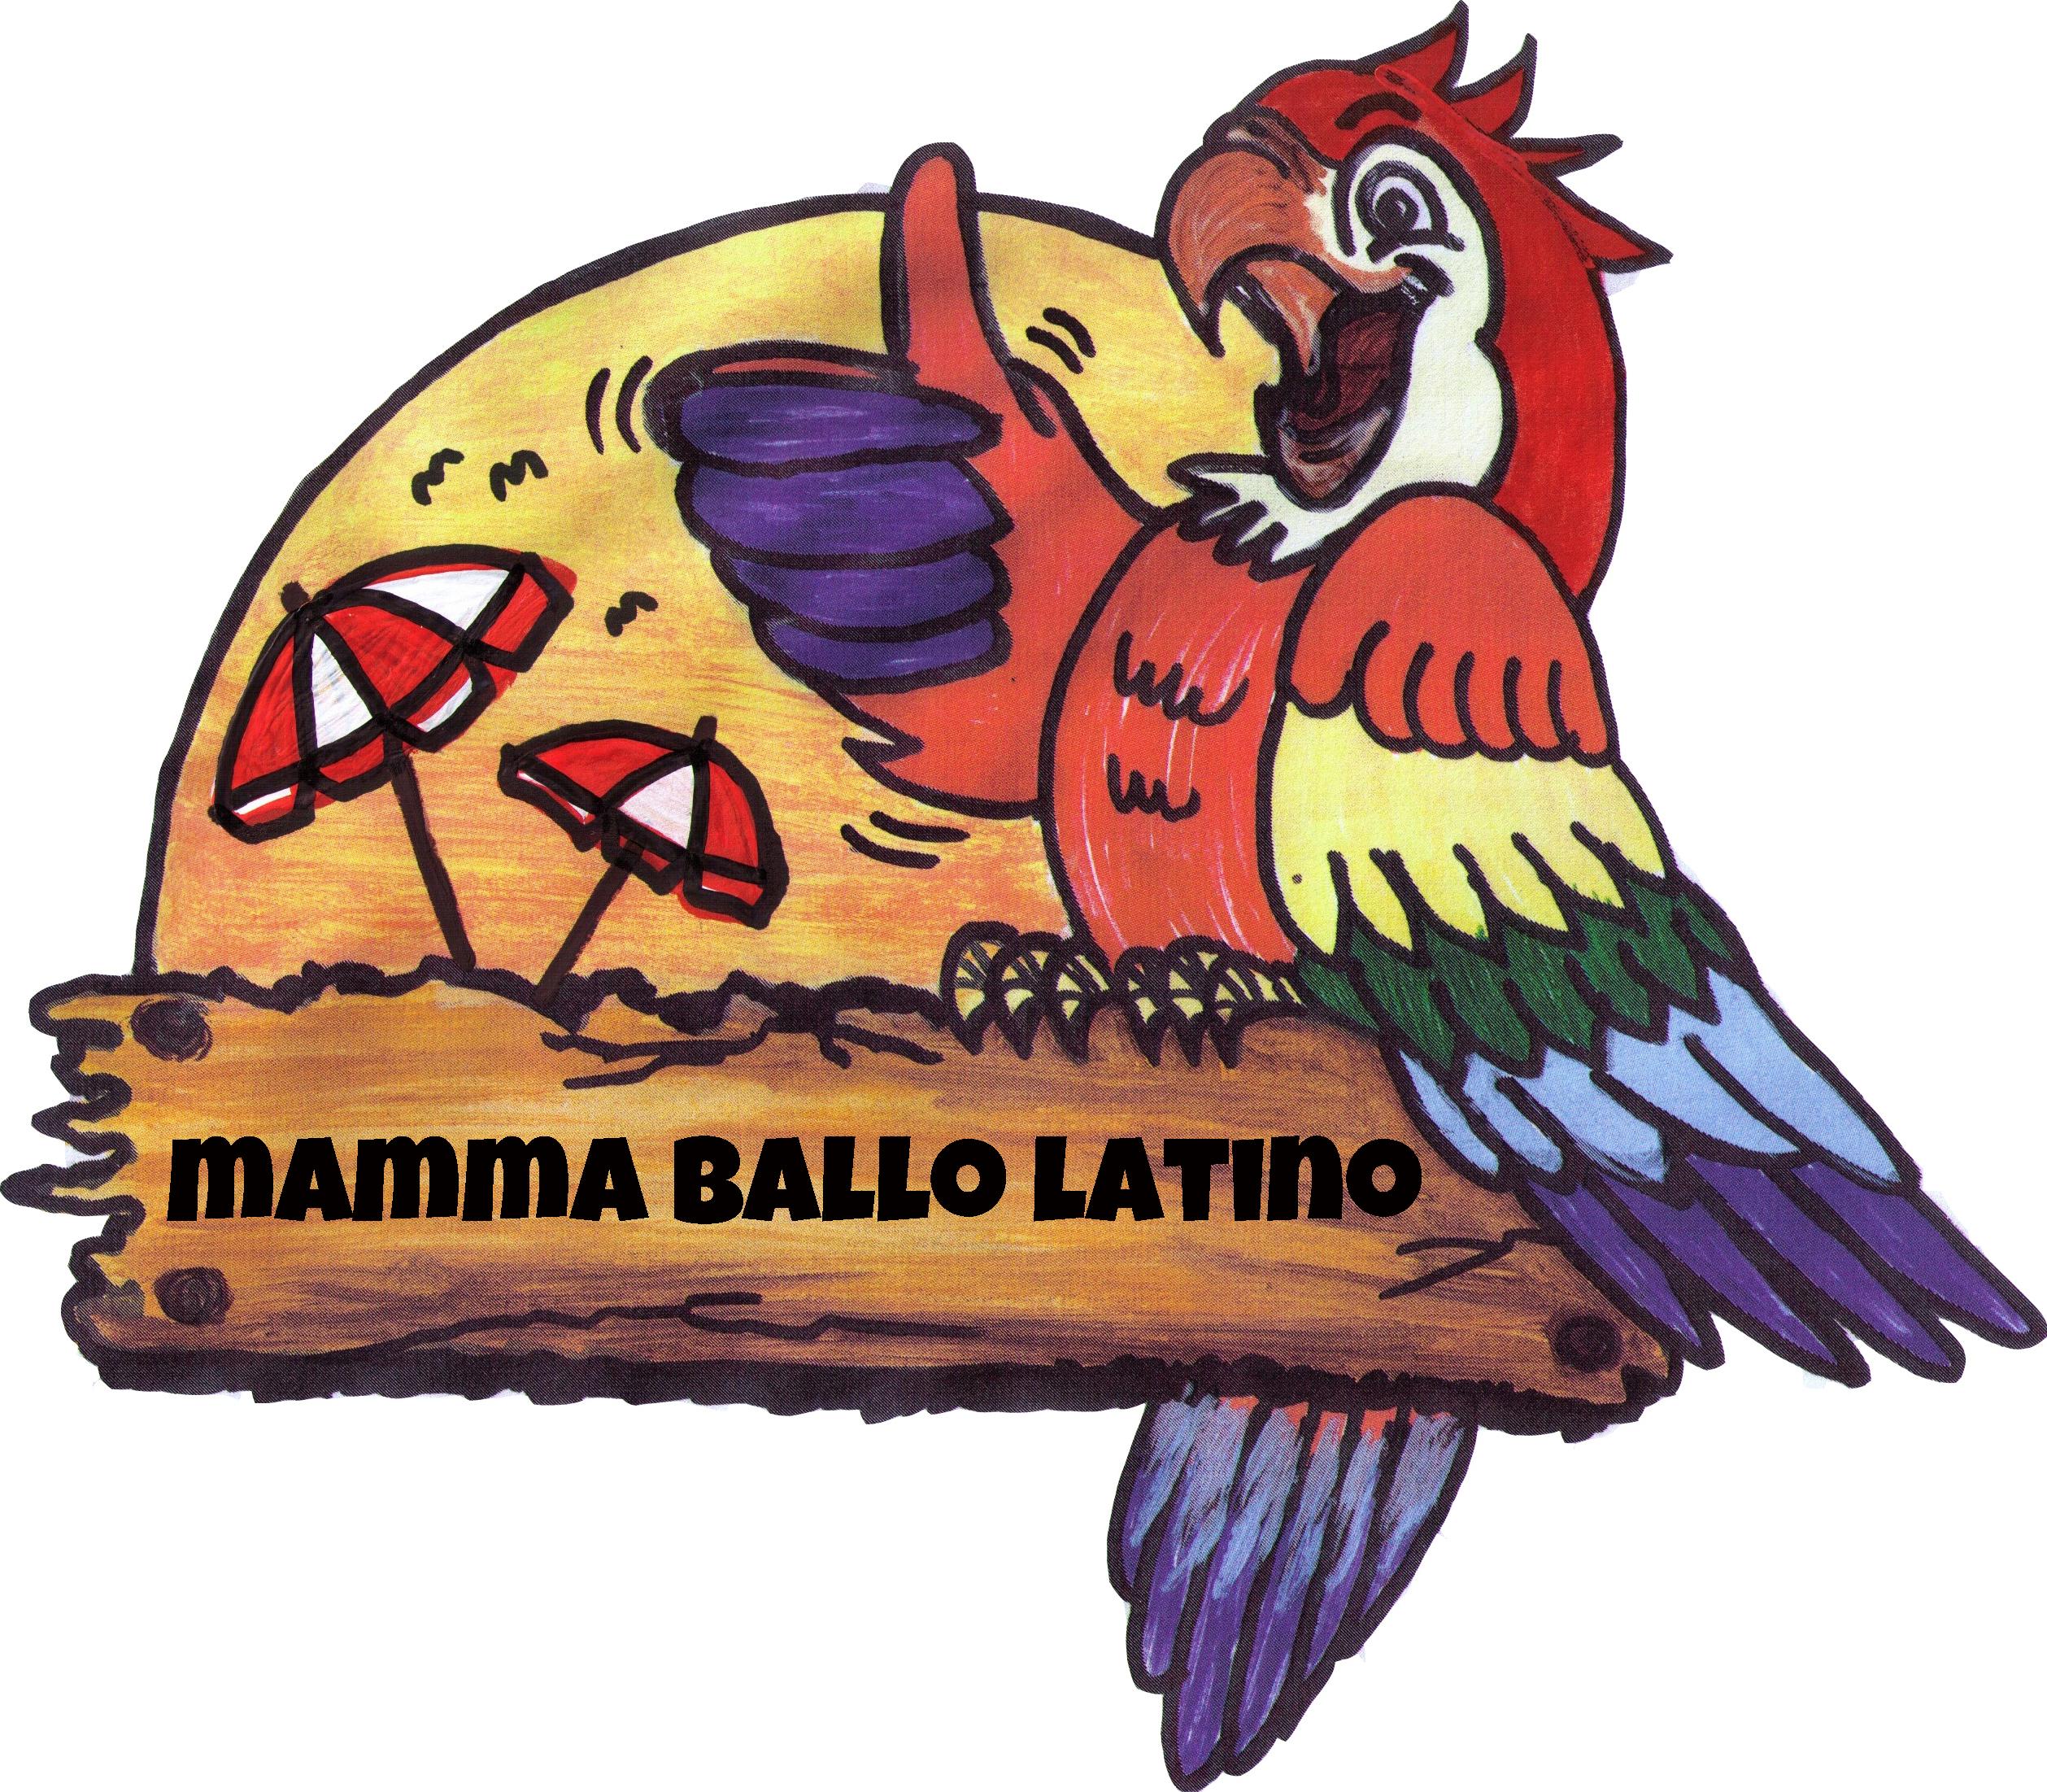 Mamma Ballo Latino